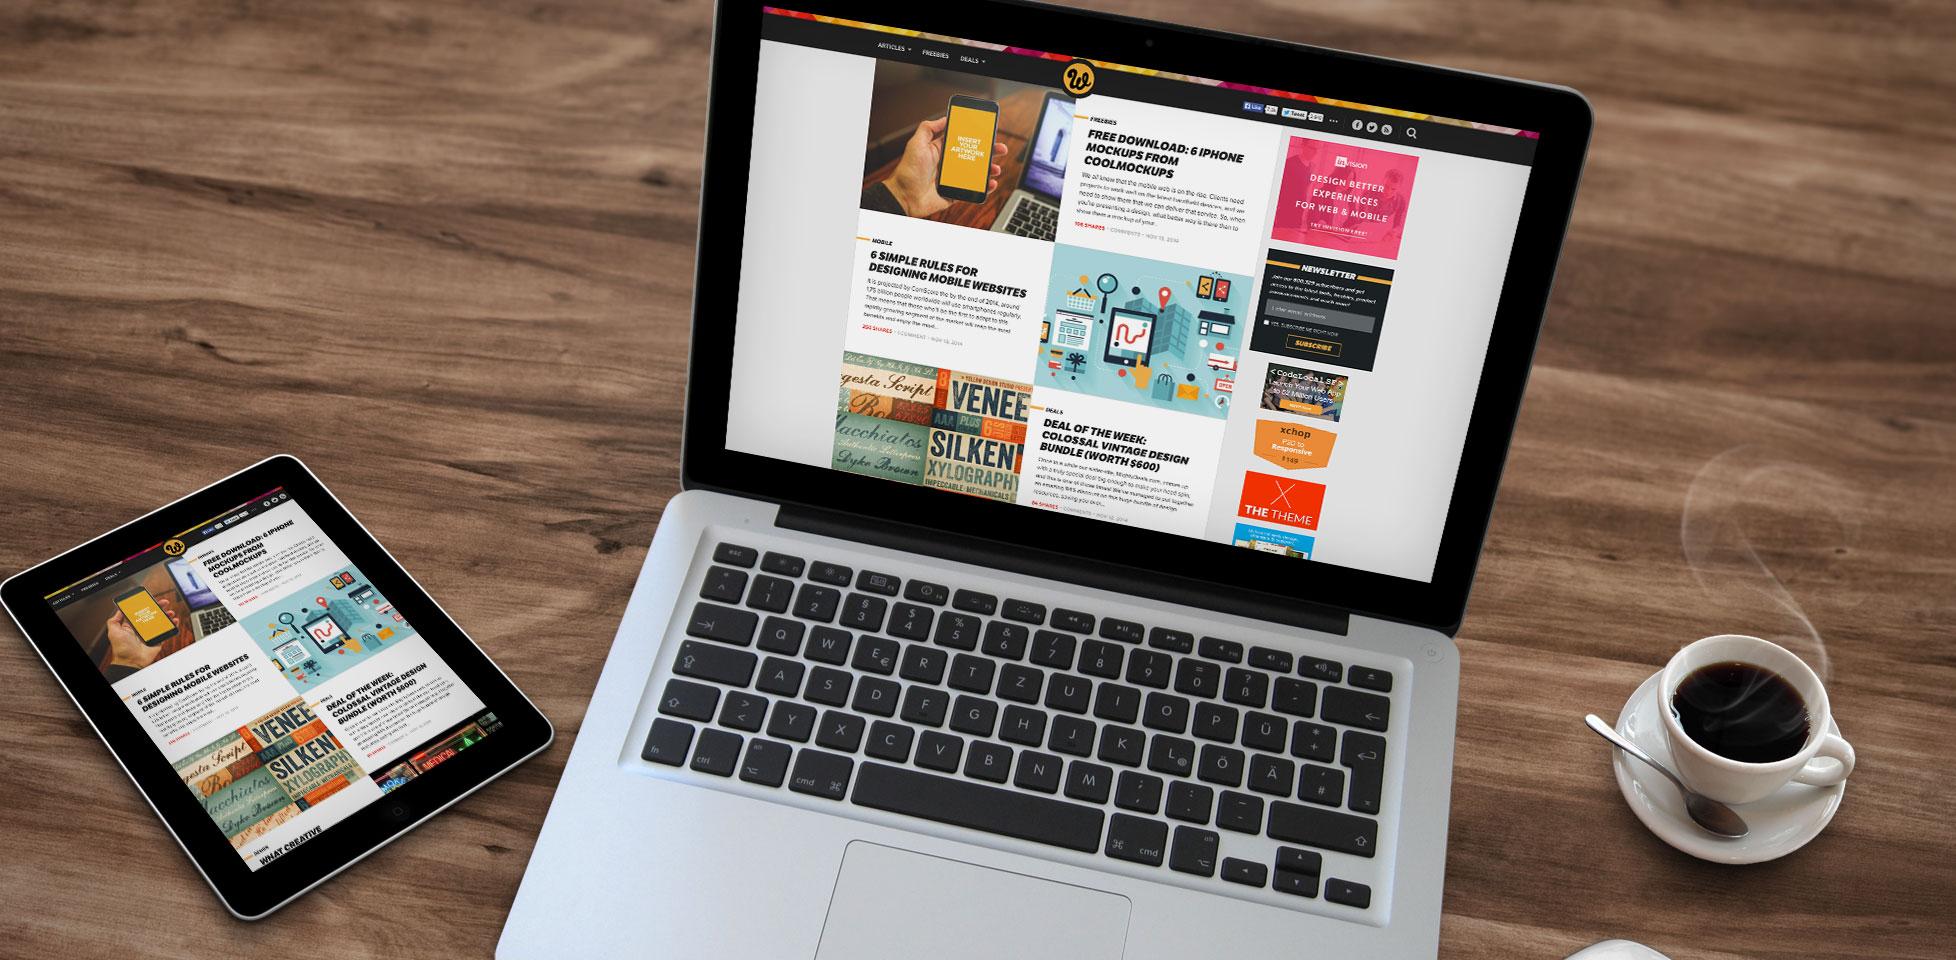 web designer depot gets a redesign